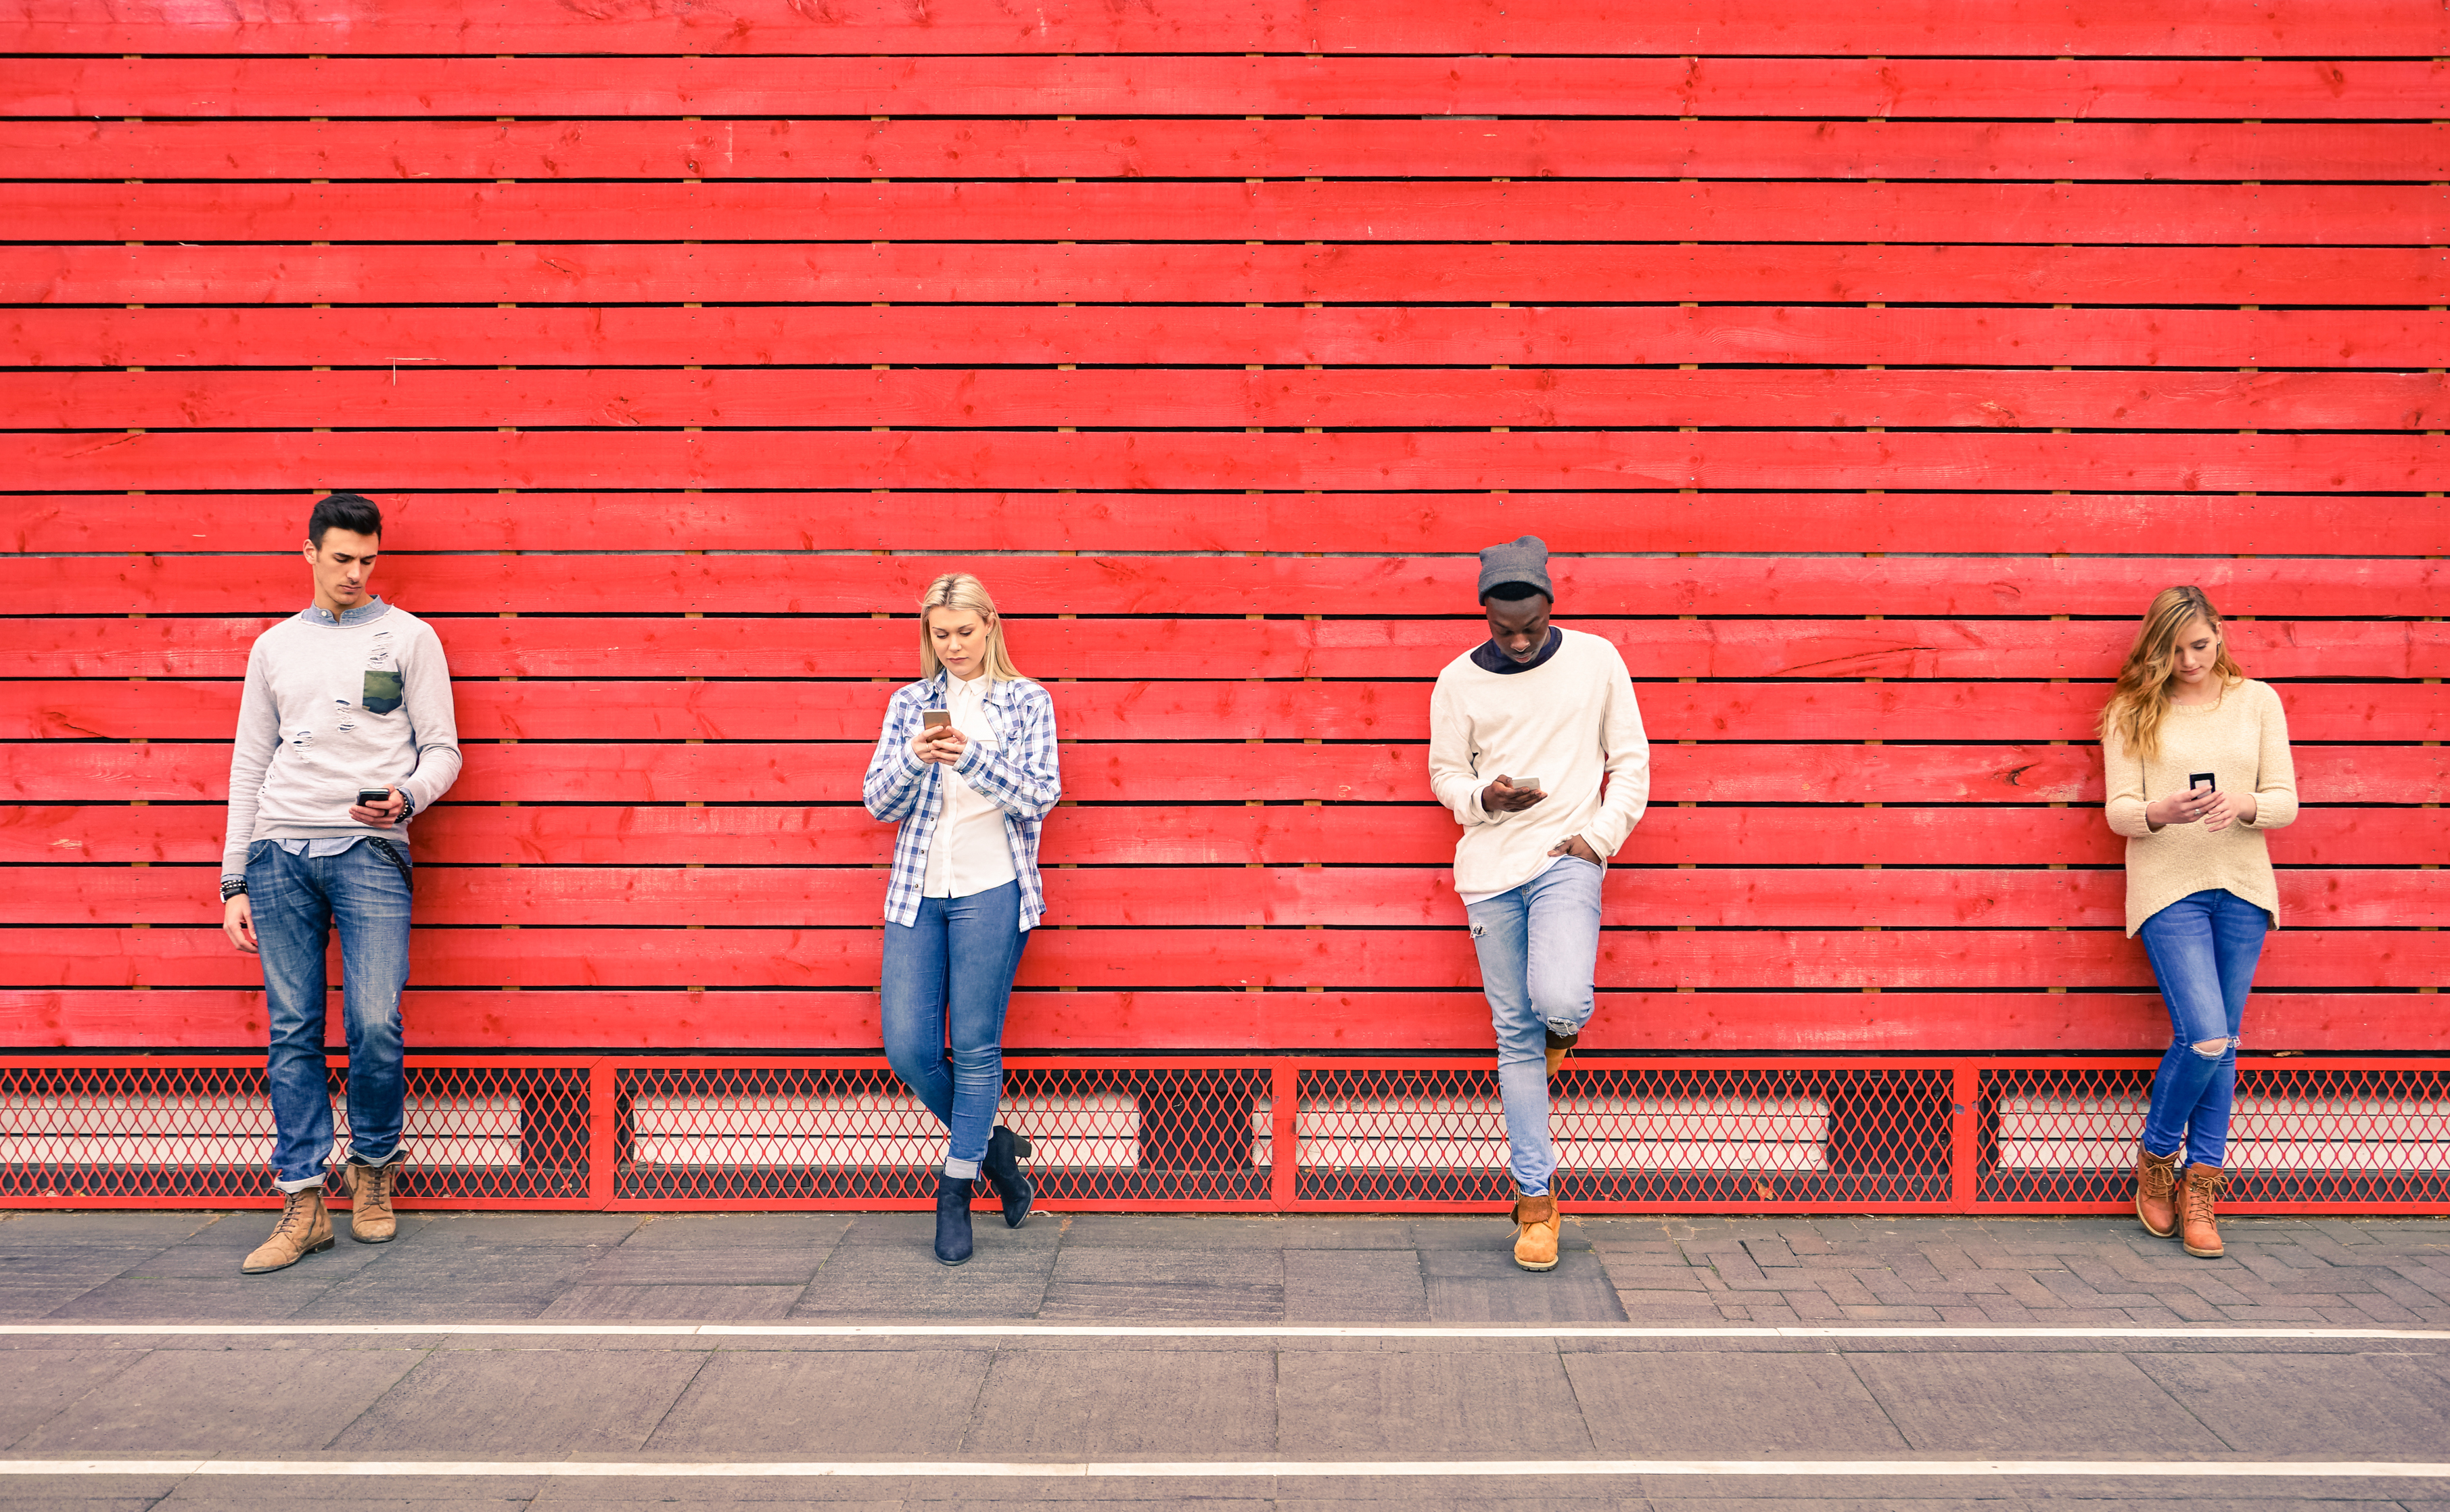 È sicuro utilizzare i social network? 2